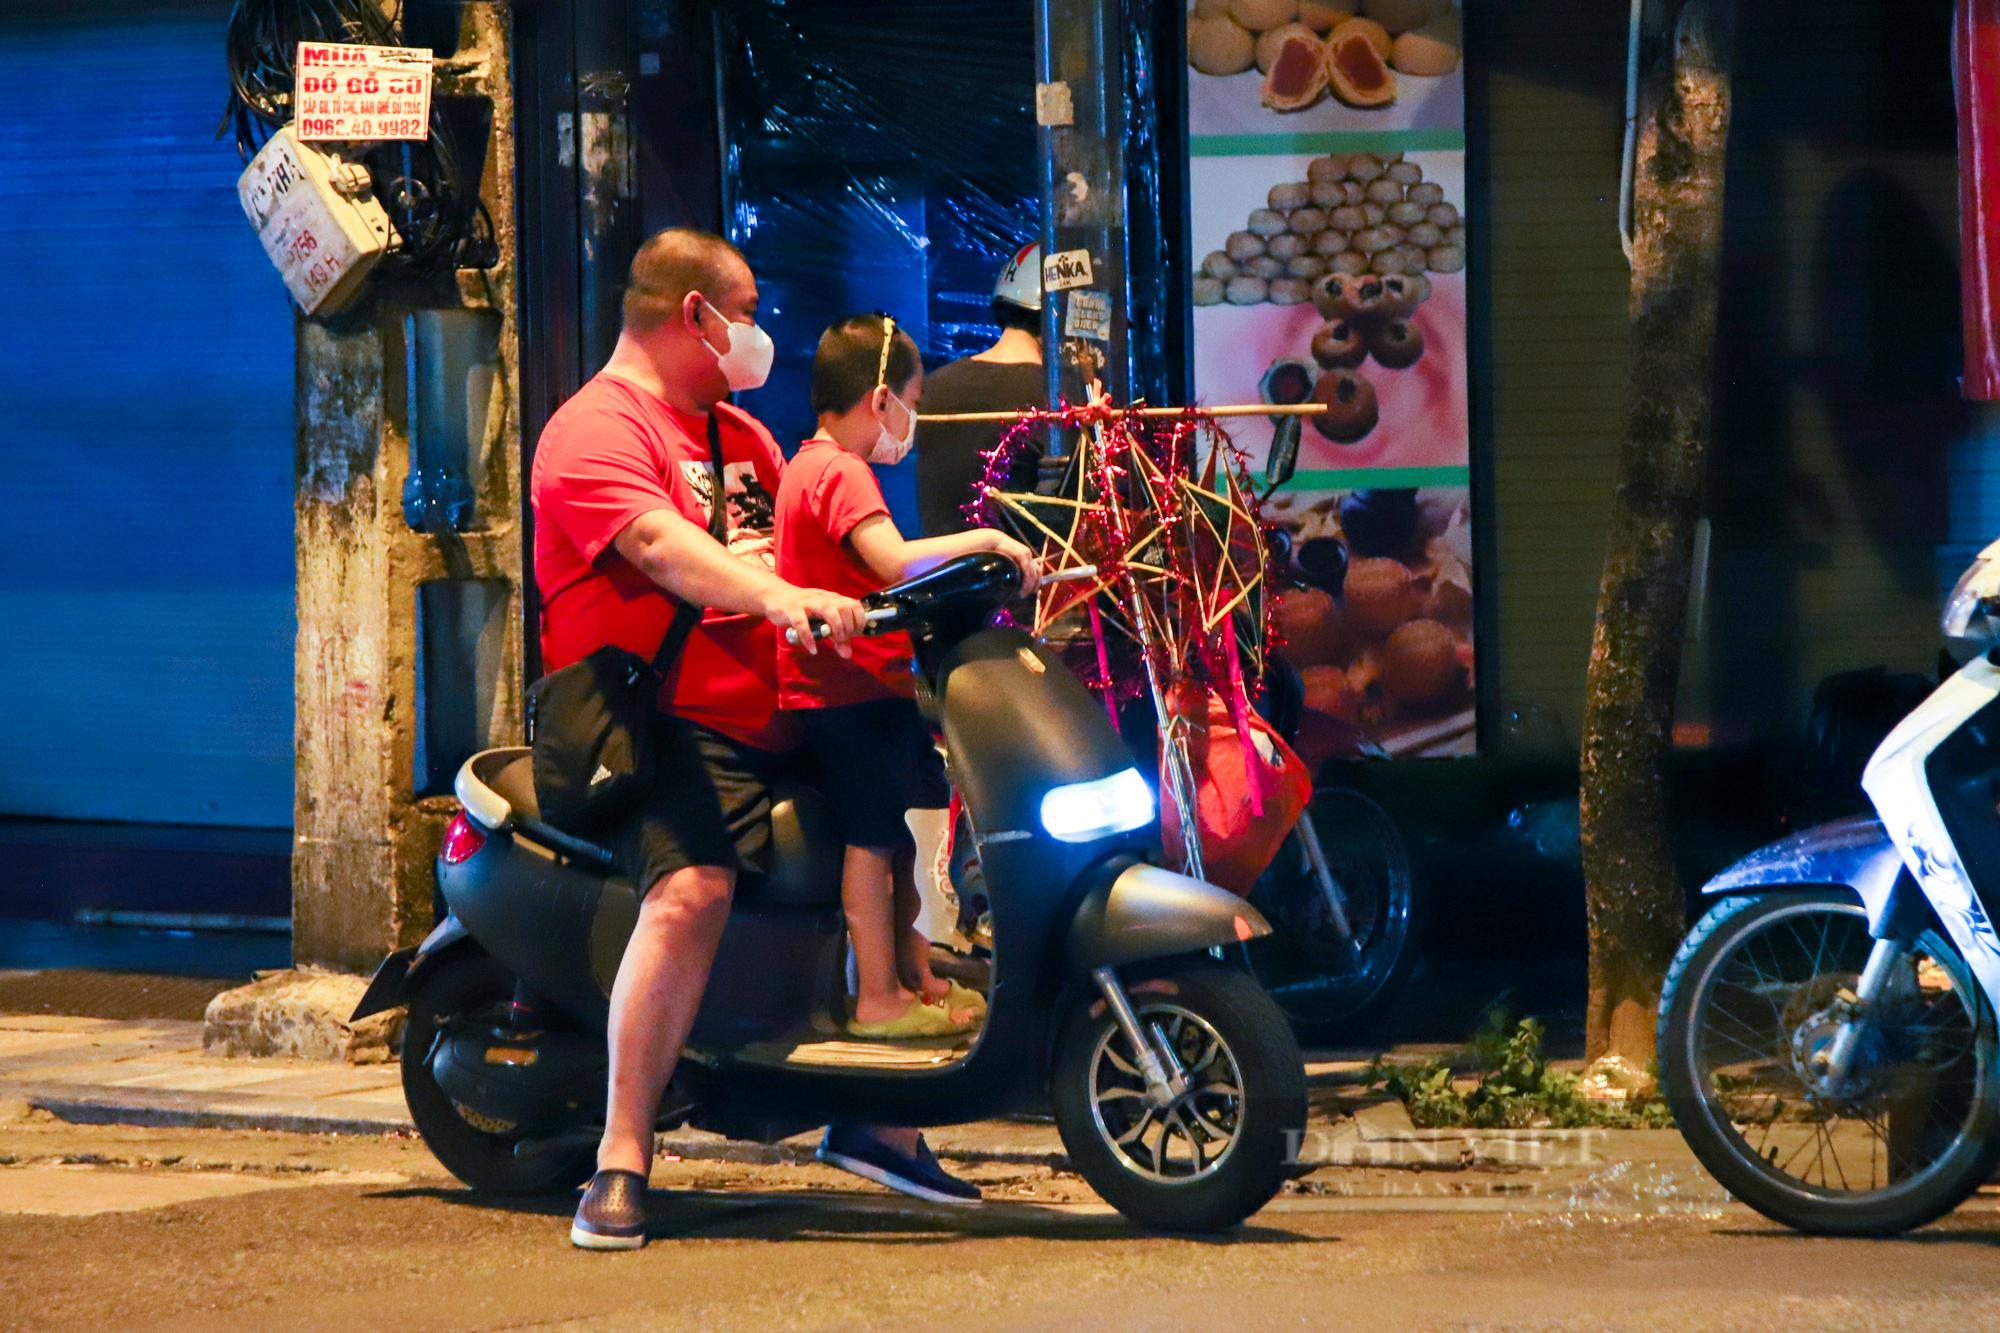 Ngày giãn cách cuối cùng, người dân rủ nhau lên phố cổ dạo chơi đêm trung thu - Ảnh 5.